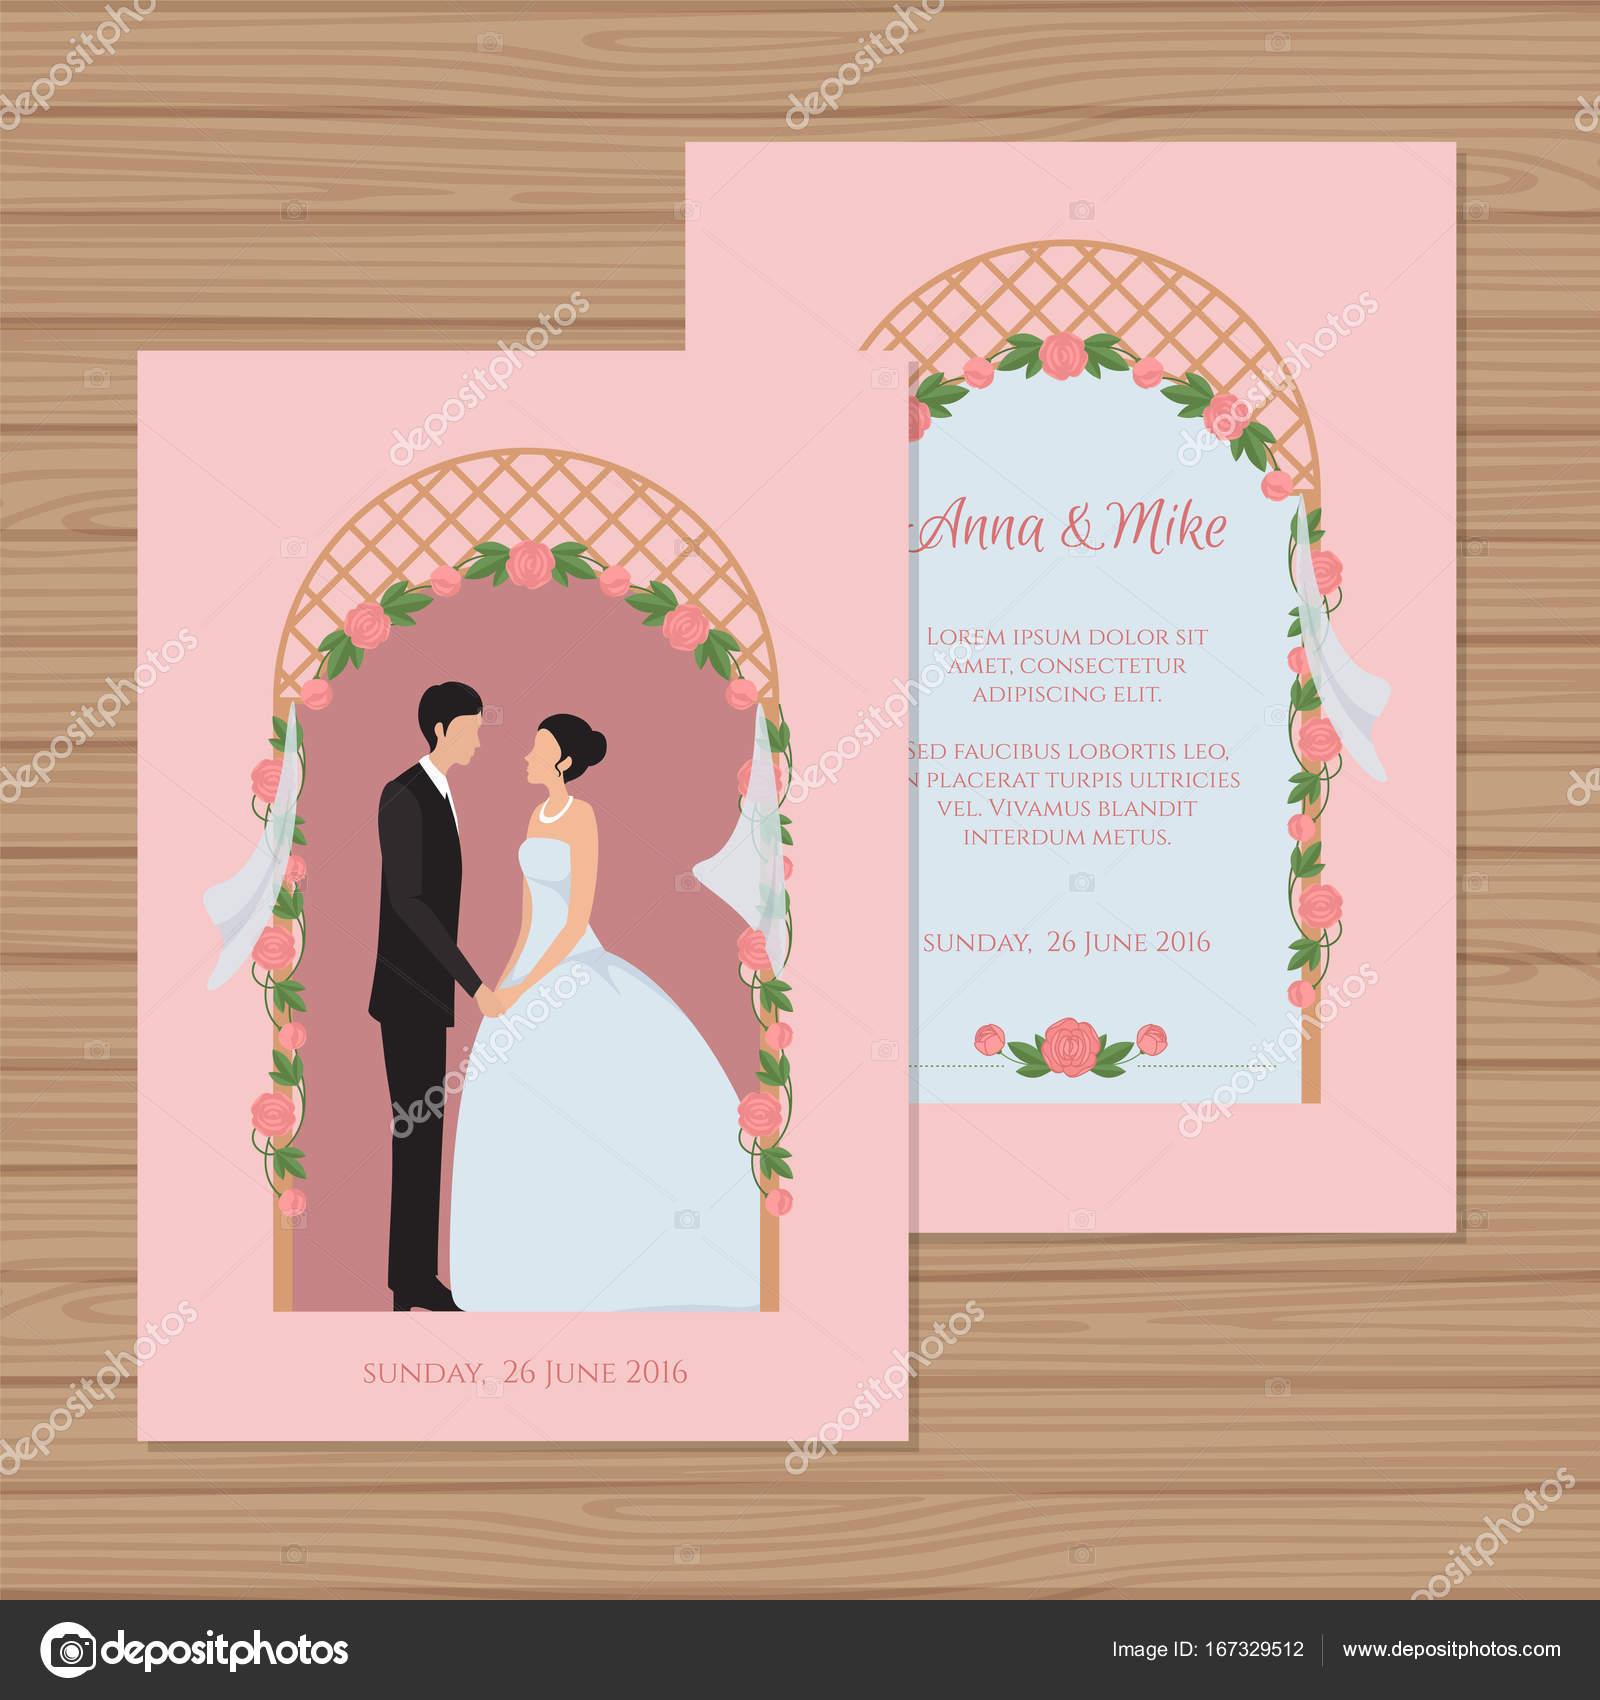 b0972db97f Zaproszenie na ślub z panny młodej i pana młodego na tle łuku ślub.  Ilustracja wektorowa